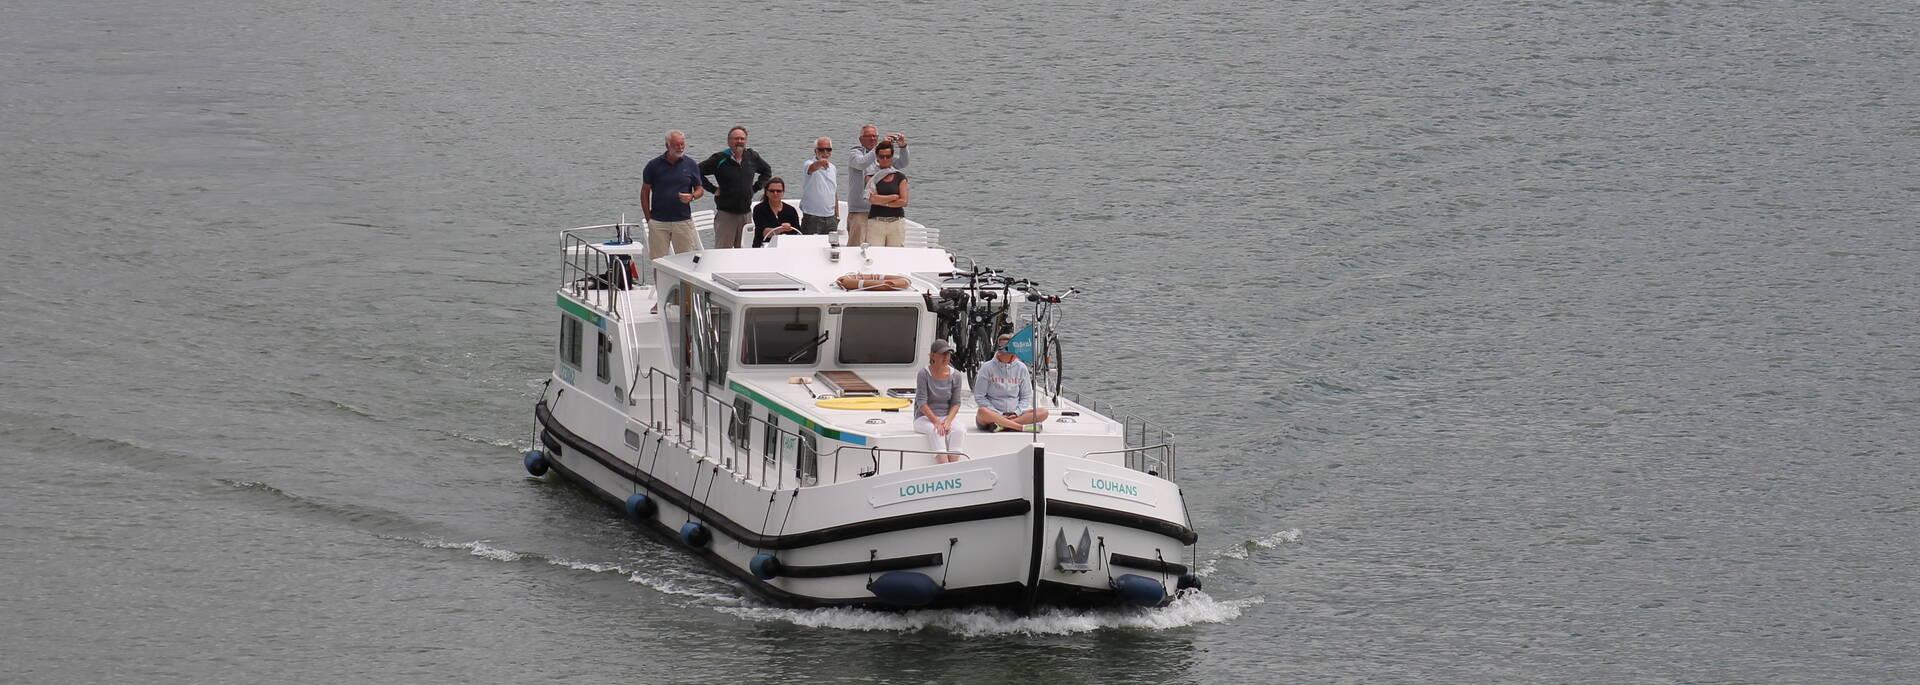 Promenade location bateau Chalon sur Saône - © Office de Tourisme